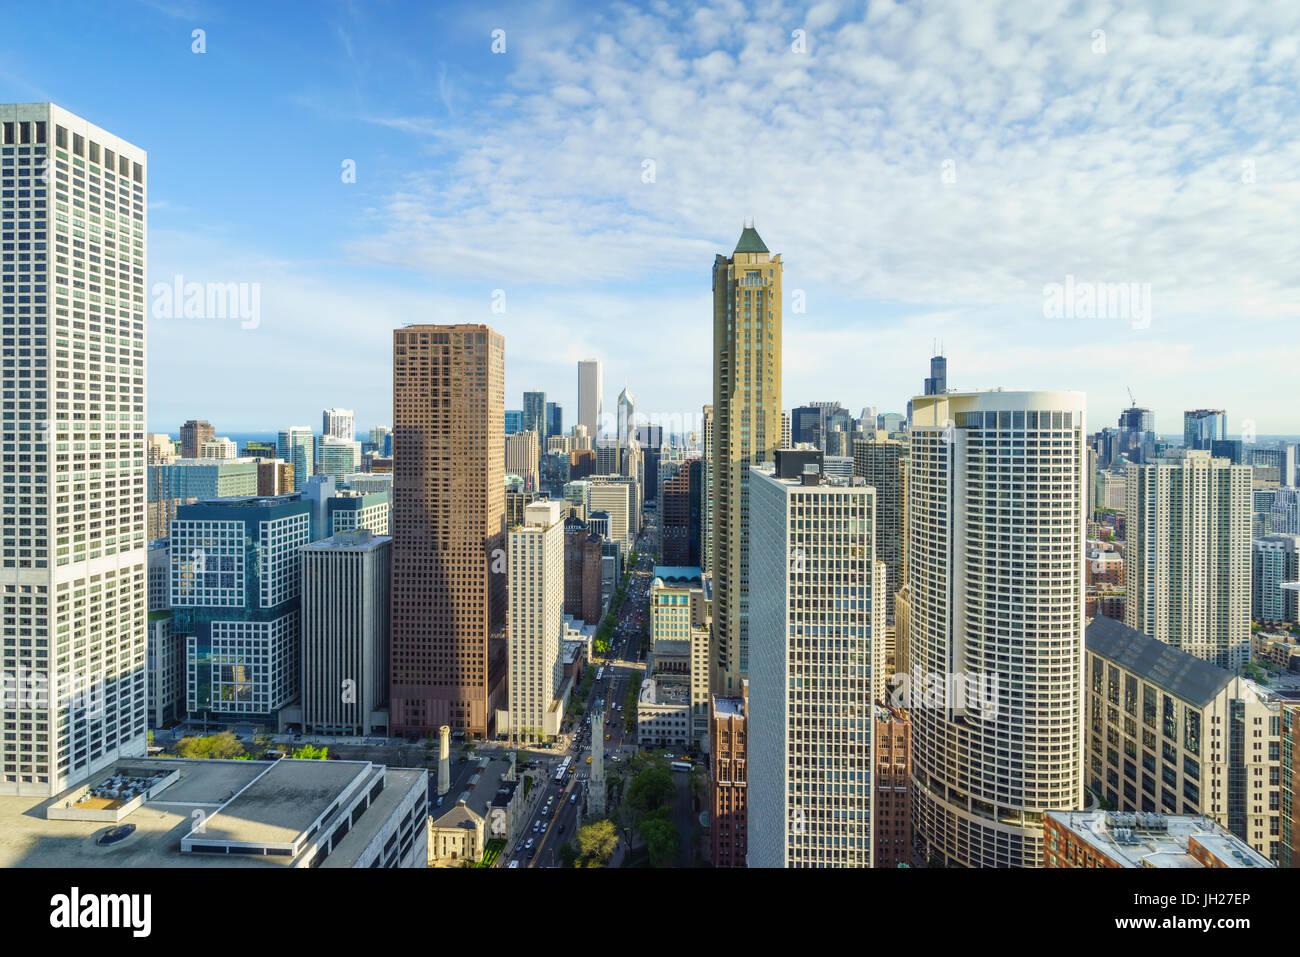 Sur les toits de la ville, Chicago, Illinois, États-Unis d'Amérique, Amérique du Nord Photo Stock